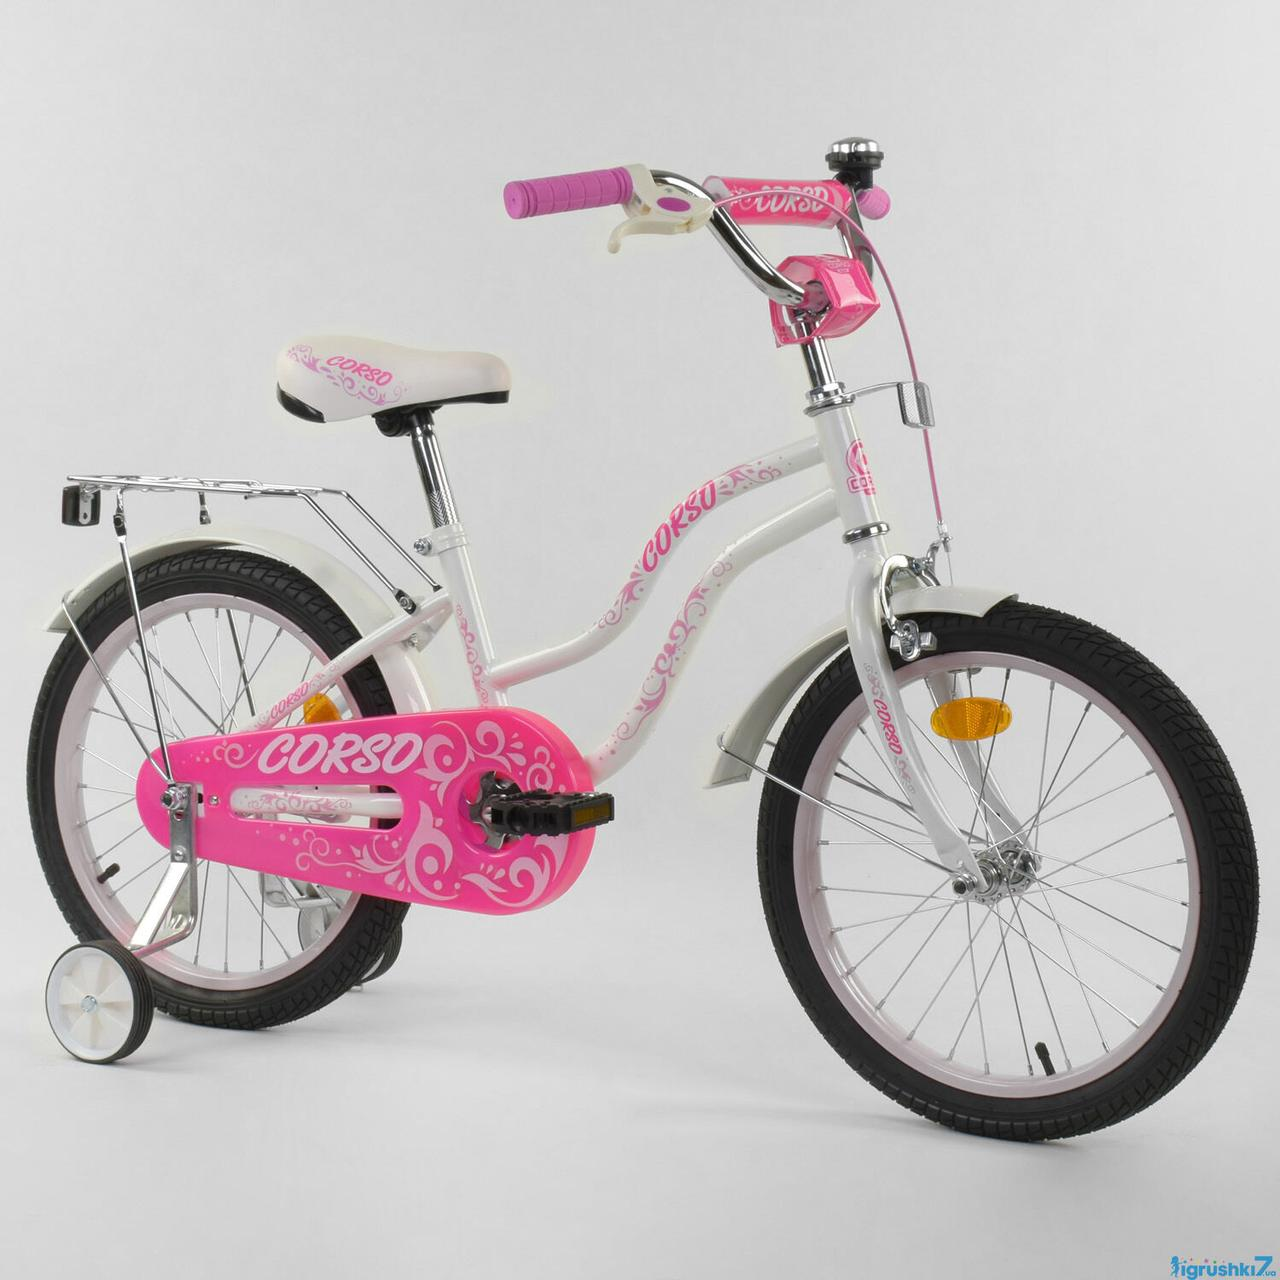 Велосипед двухколесный детский Corso T 18 дюймов (5-7 лет) Пром